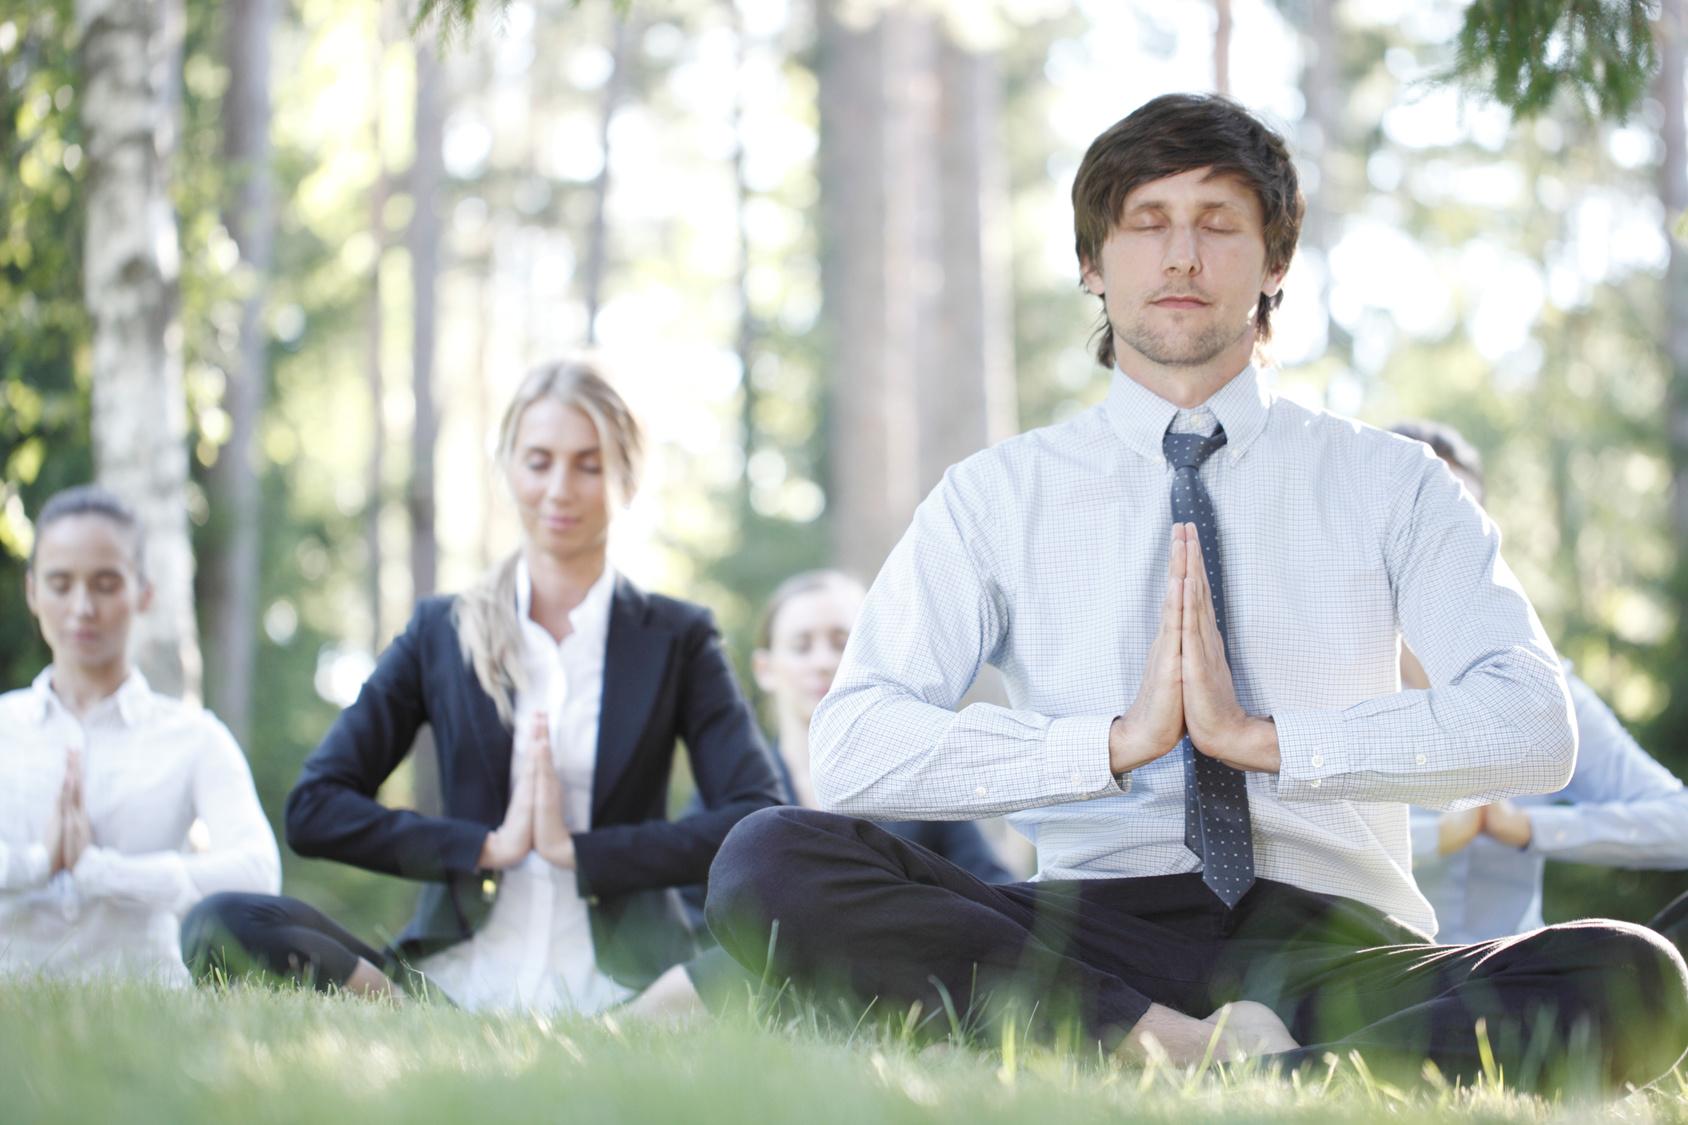 Mit ruhewerk für Entspannung und Glück für die Mitarbeiter sorgen.